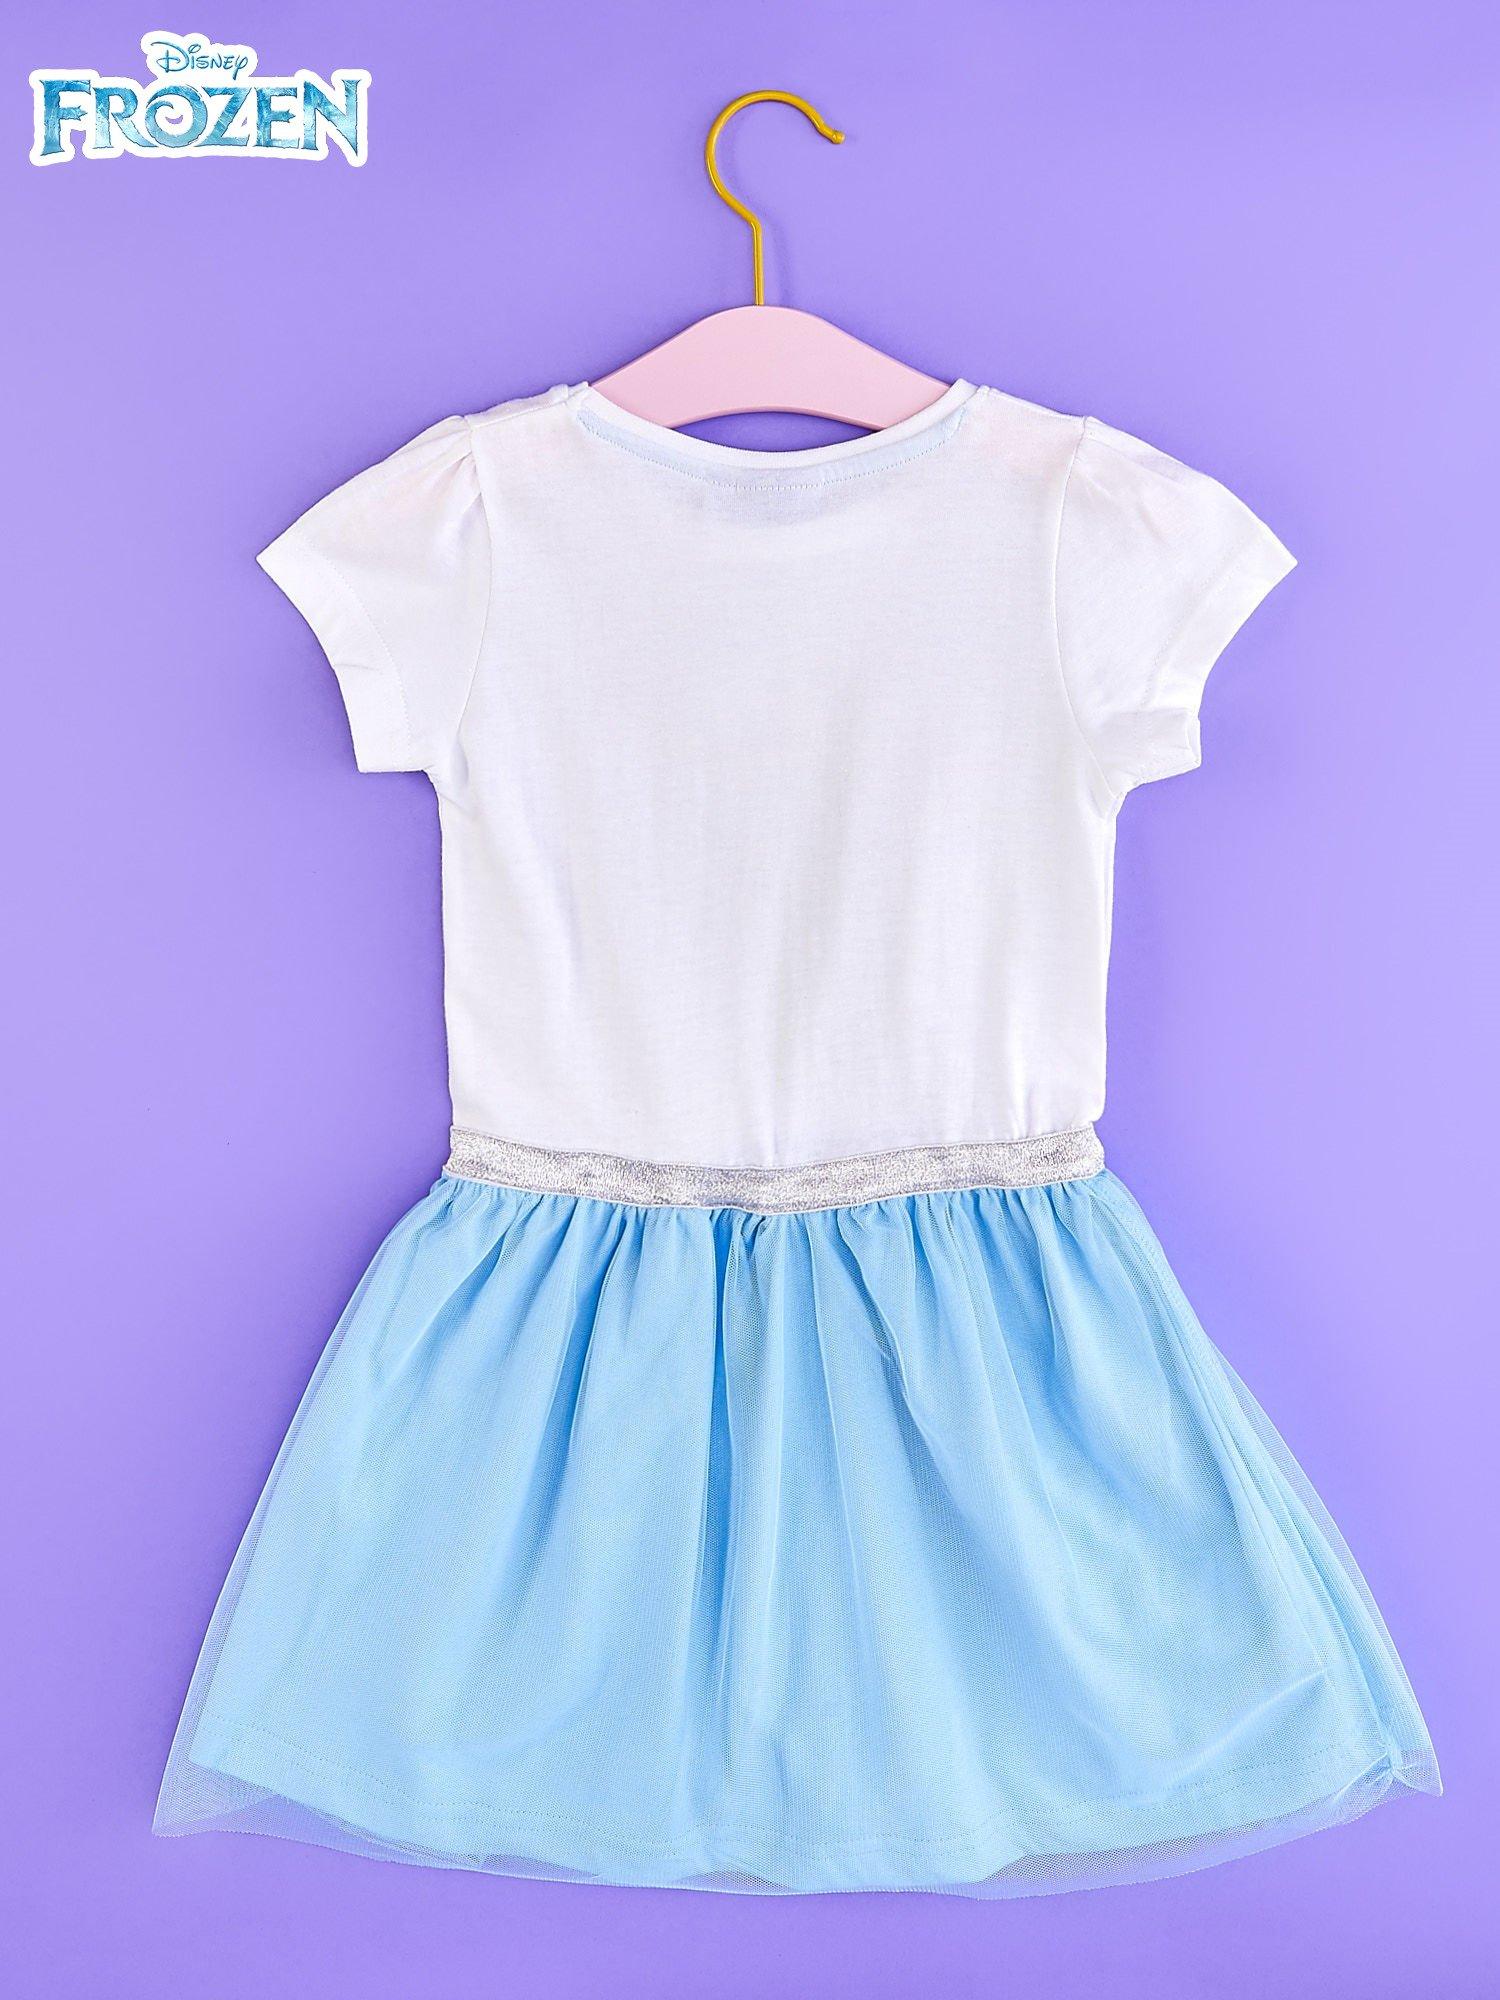 Niebieska sukienka dla dziewczynki z brokatowym paskiem FROZEN                                  zdj.                                  2